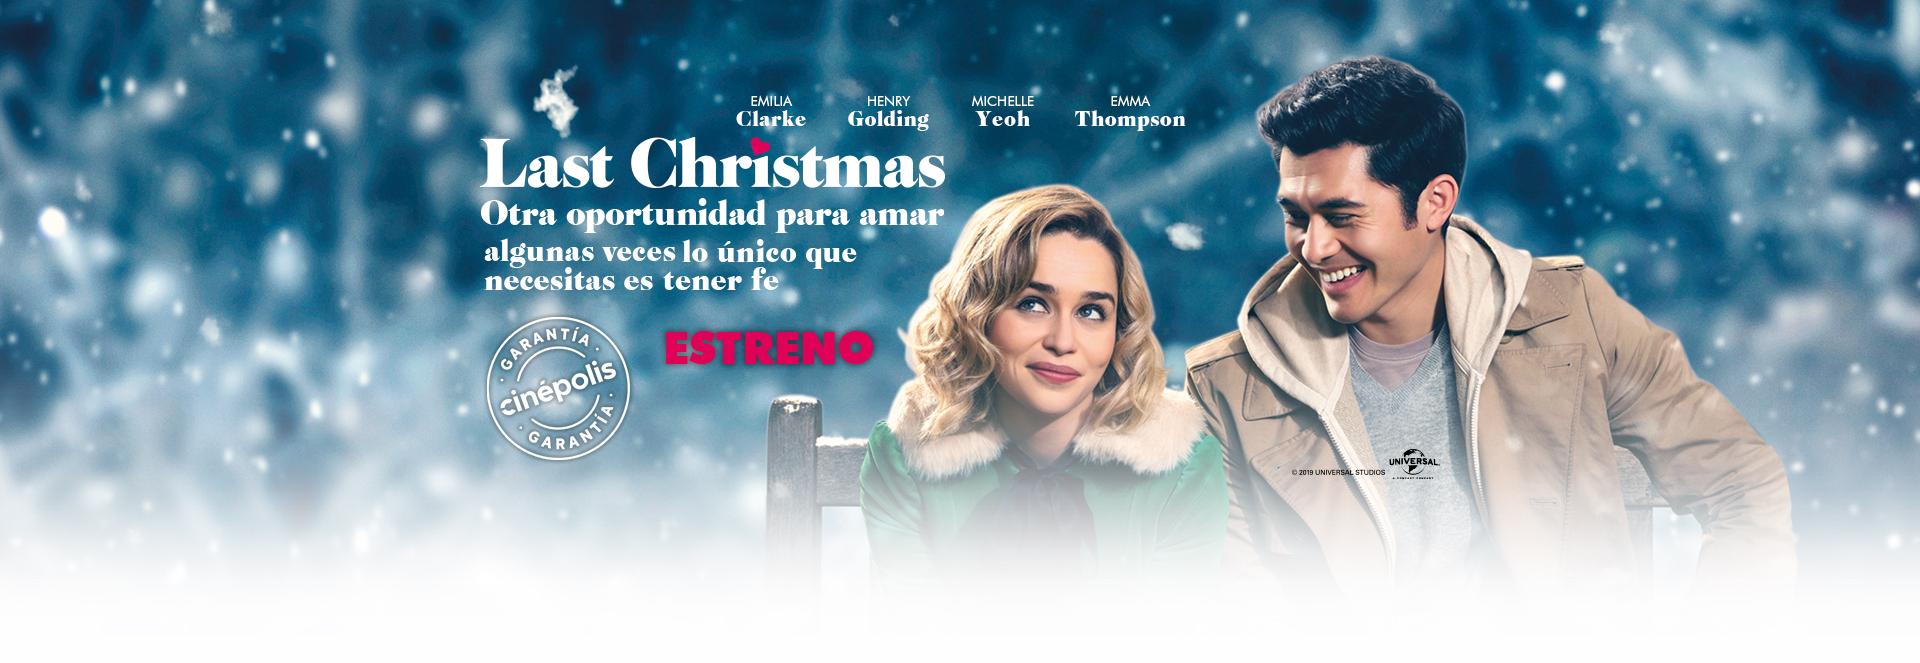 Banner Last Christmas: Otra oportunidad para amar | Garantía Cinépolis